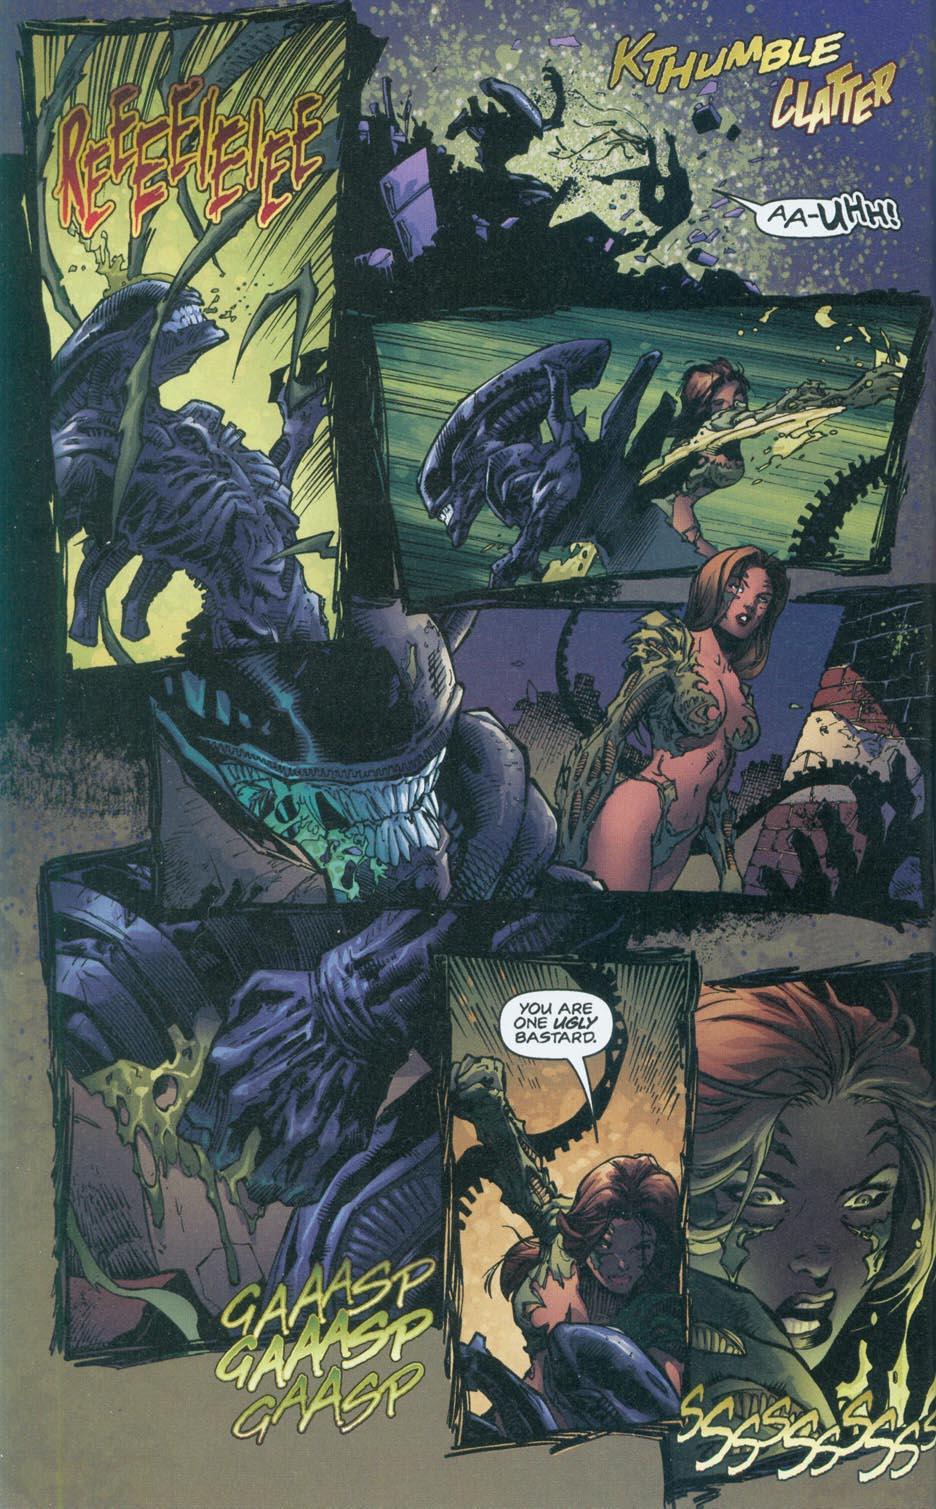 Бэтмен против Чужого?! Безумные комикс-кроссоверы сксеноморфами | Канобу - Изображение 23